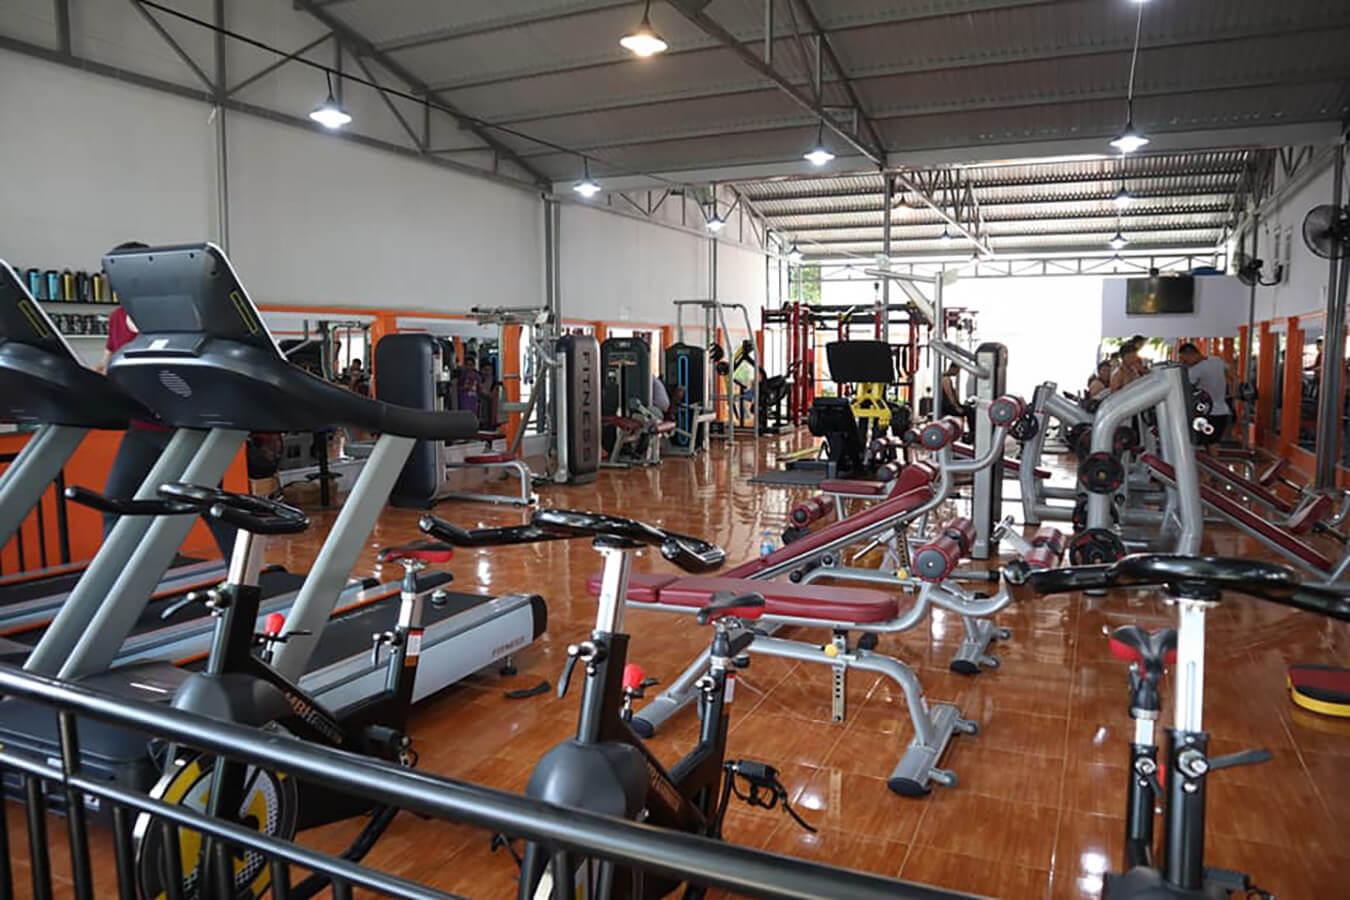 Cong Manh Gym Hoi An